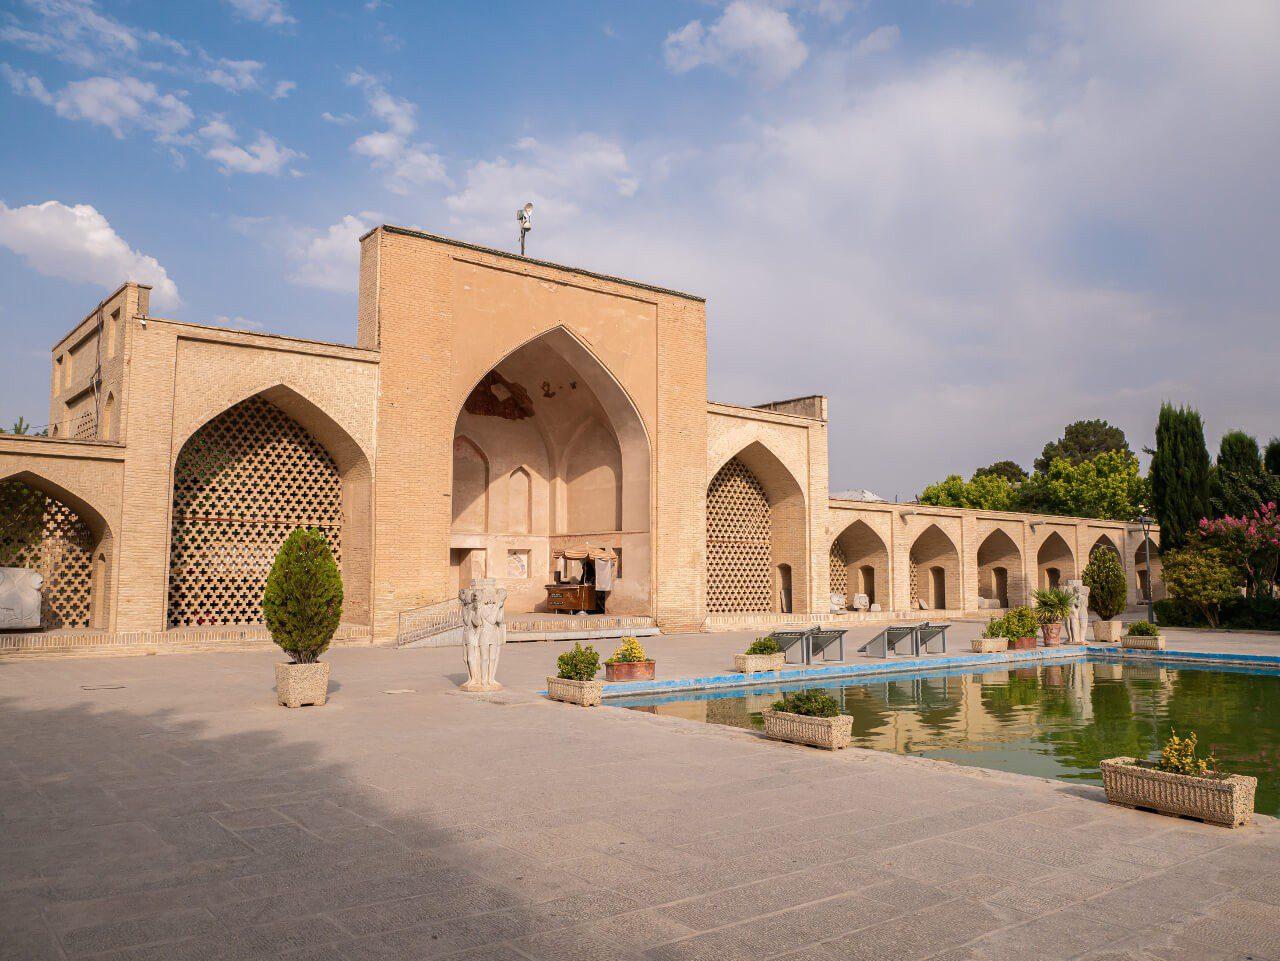 Brama wejściowa do pałacu Czehel Sotun